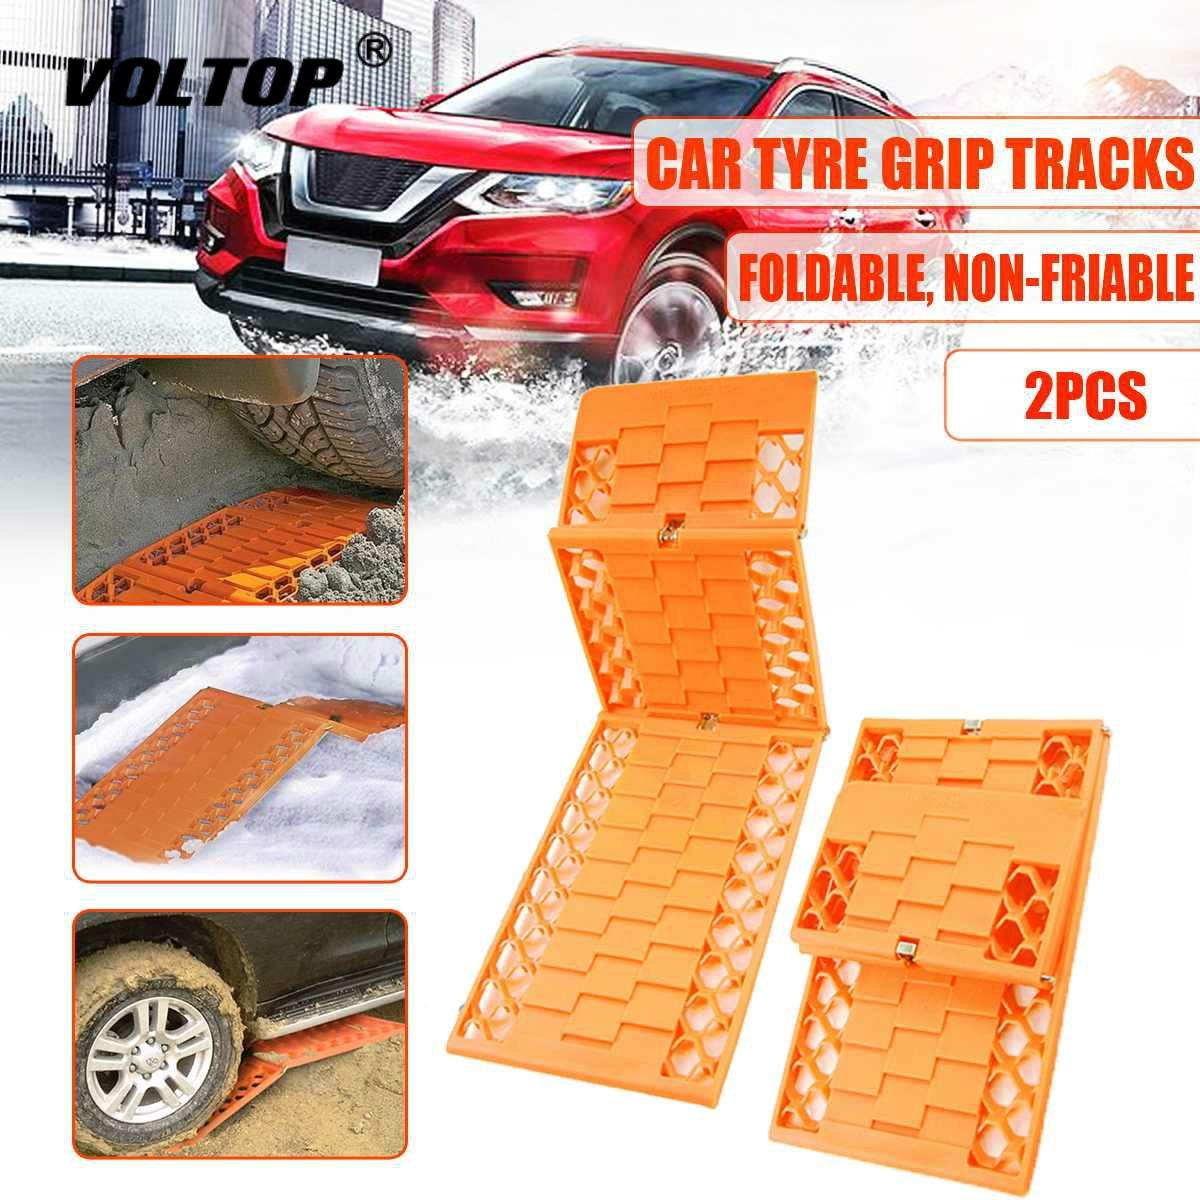 2 pièces/ensemble pneu Grip pistes voiture sécurité neige boue sable sauvetage échappeur voies de Traction tapis pliant en caoutchouc voiture sauvetage tapis